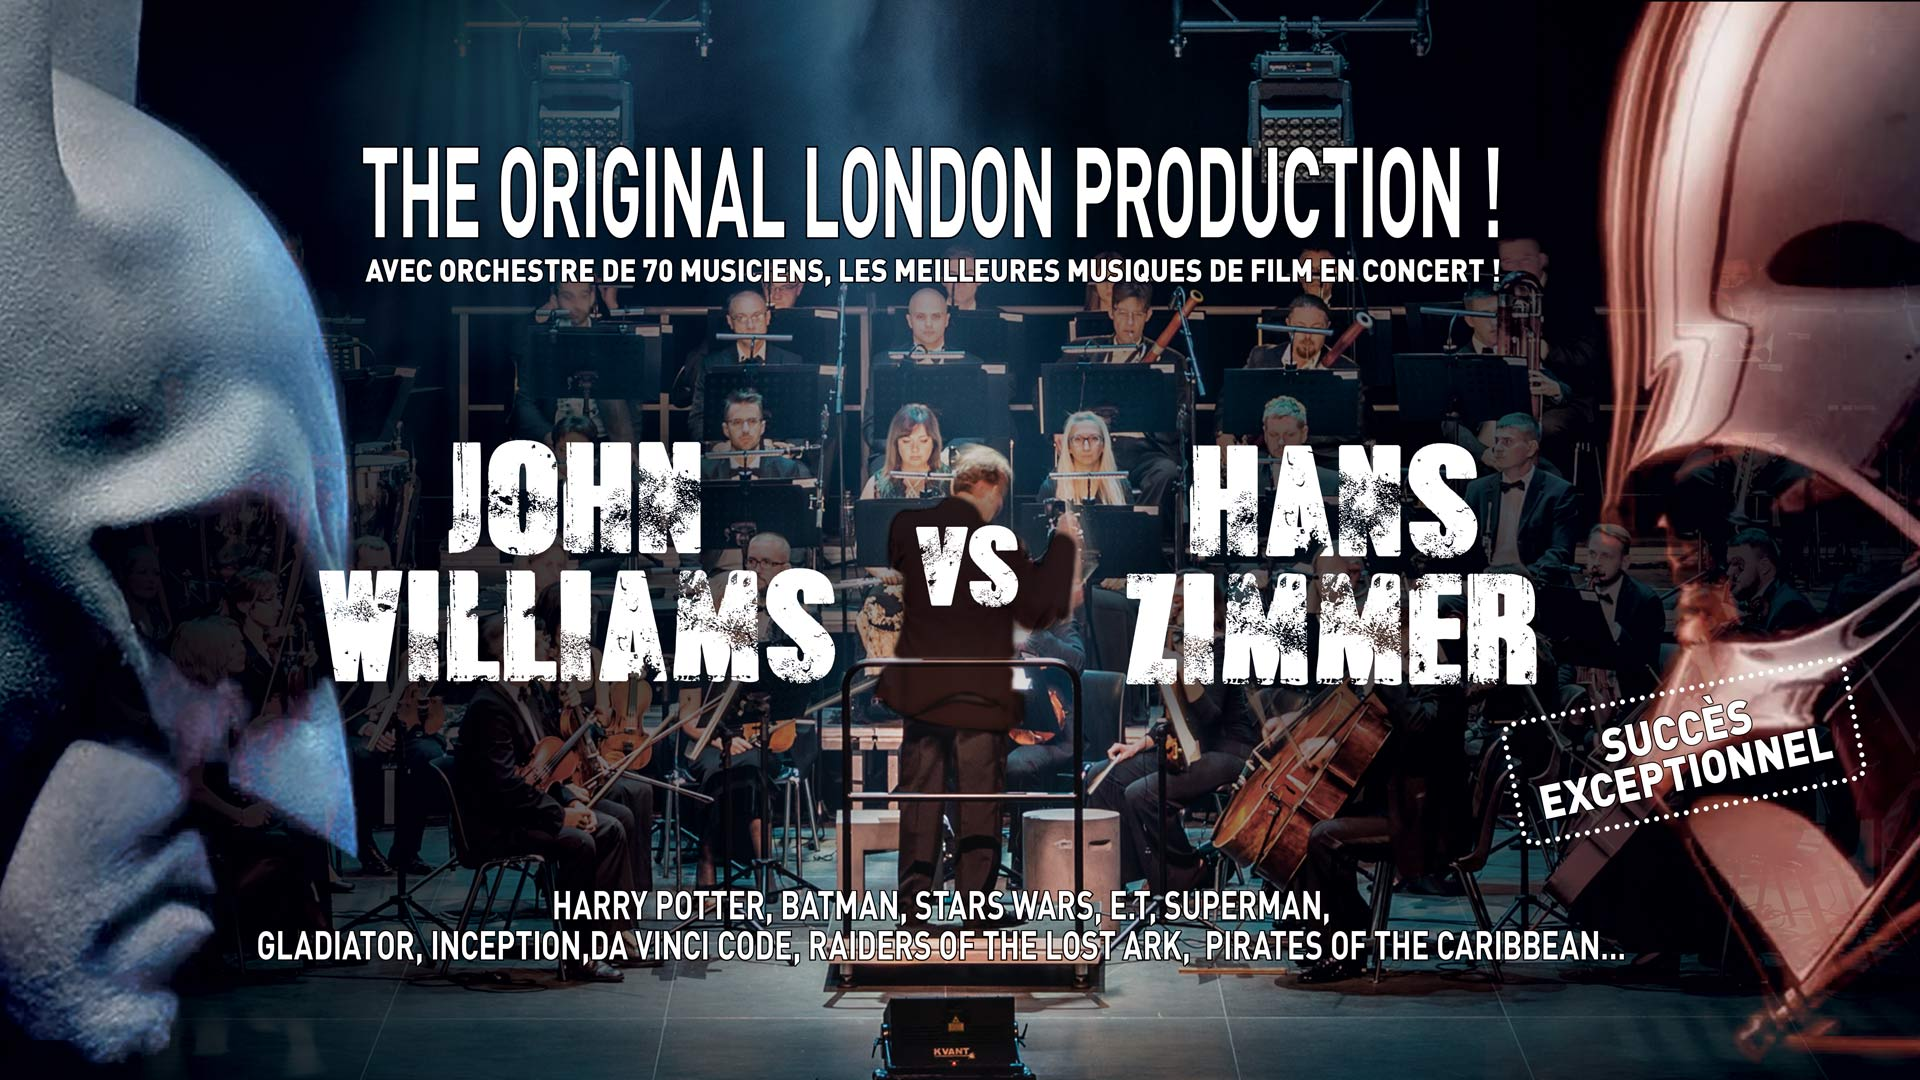 The Original Production, Hans Zimmer vs John Williams, Orchestre, 70 musiciens, meilleures musiques de film en concert, succès exceptionnel.